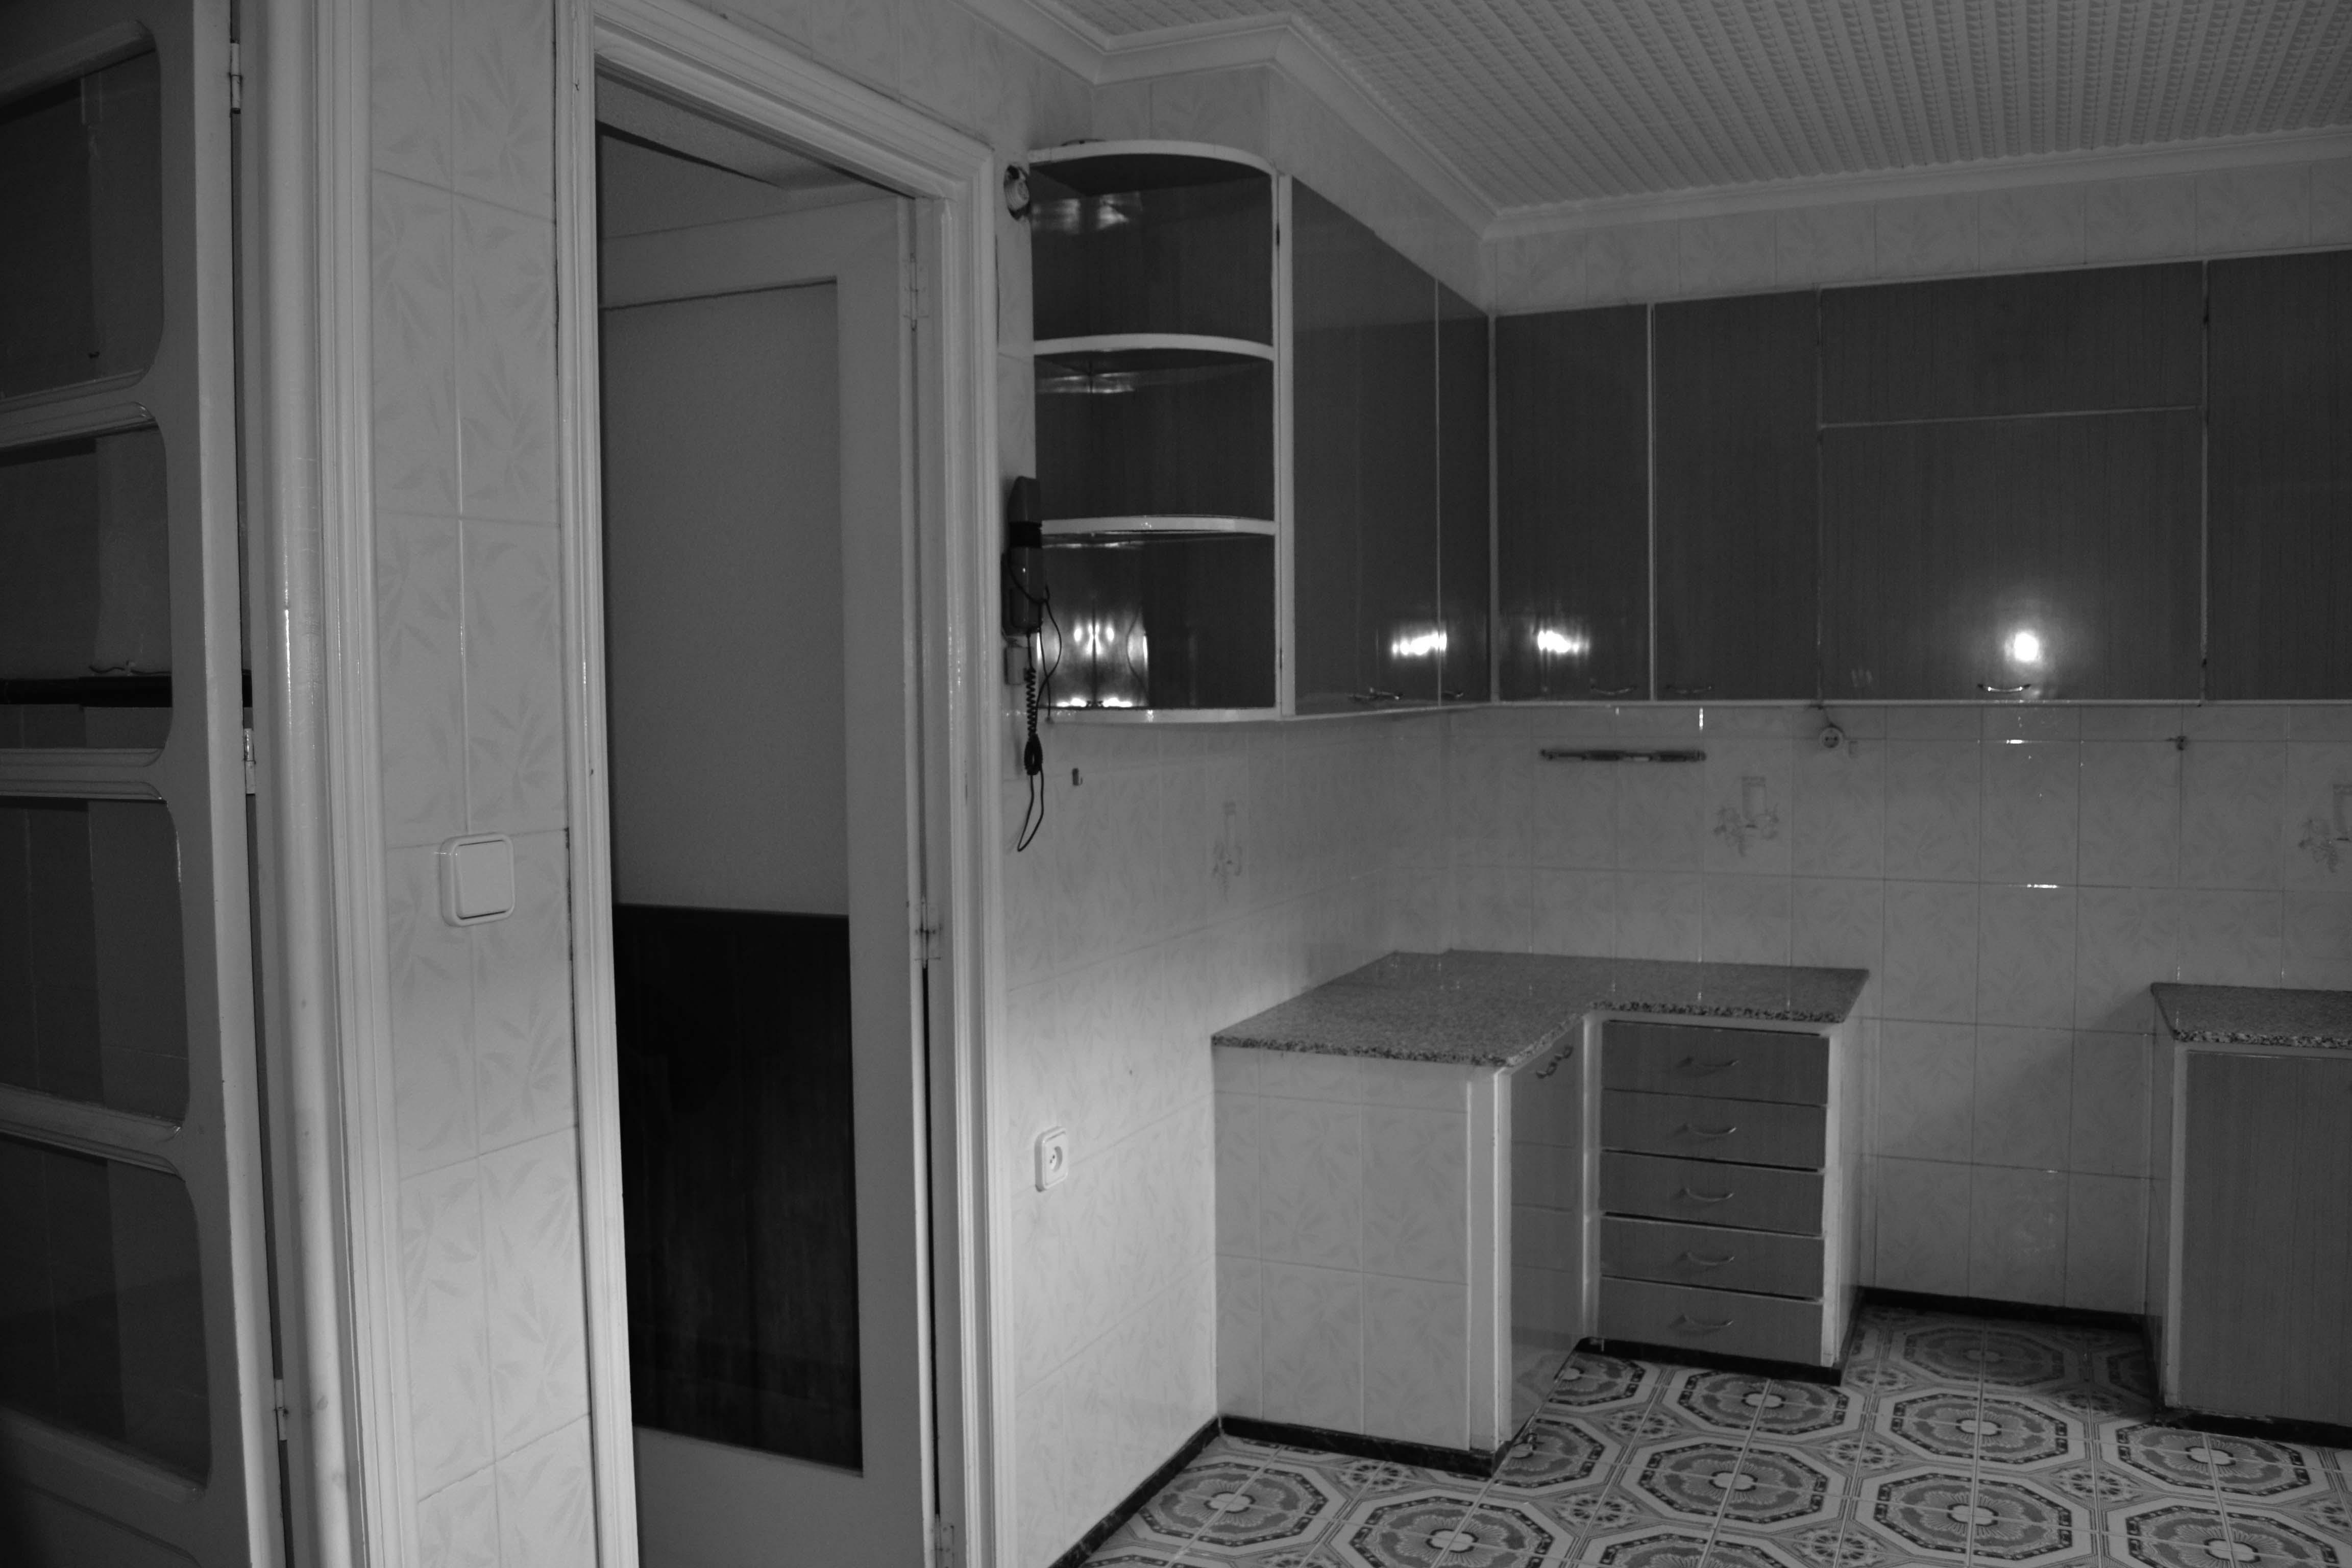 antes_despues_cocina_reforma_integral_casamya_ana_interiorismo_decoracion_3